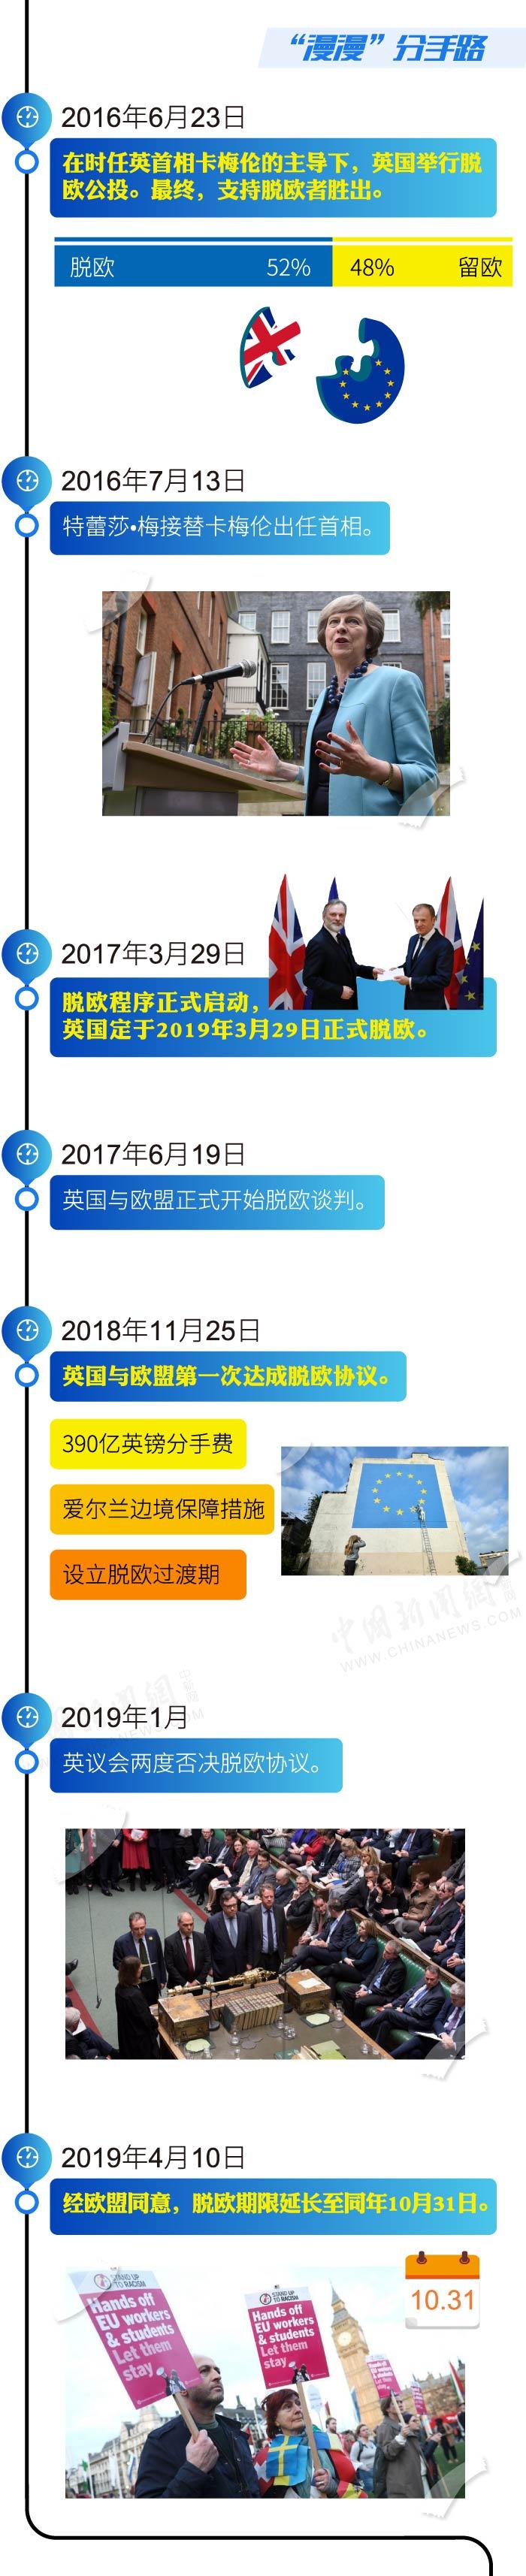 求个正规的网投平台|山东南下的94岁老党员彭建华:想看着新中国变得越来越好